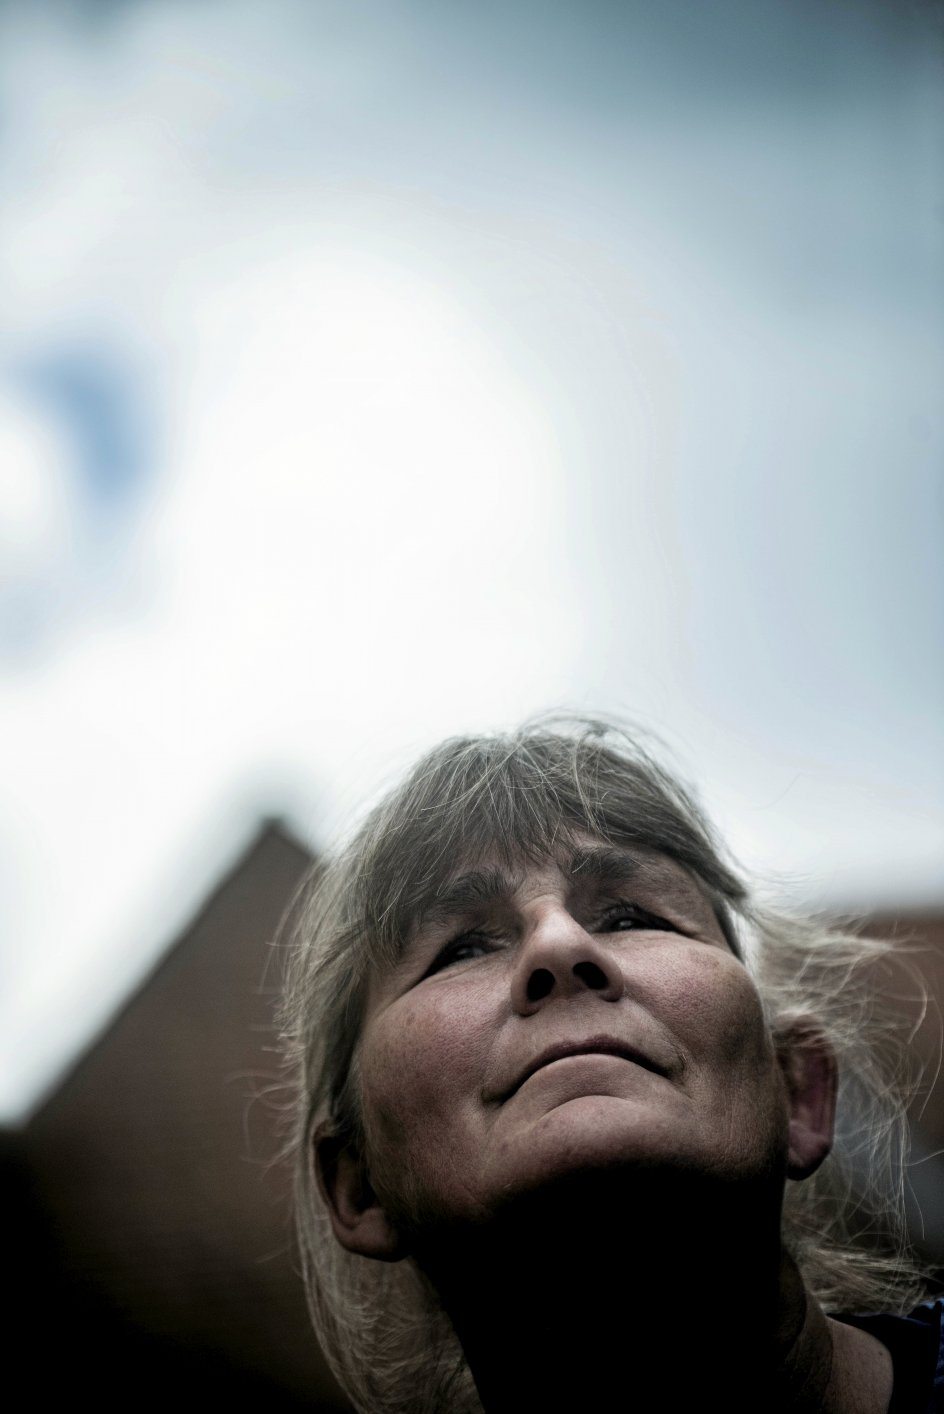 Søvnkurset i Middelfart Kommune har givet Lene Pedersen en mere struktueret døgnrytme, som gør, at hun sover bedre om natten. Masser af dagslys, frisk luft og bevægelse er et af dogmerne fra søvnkurset.